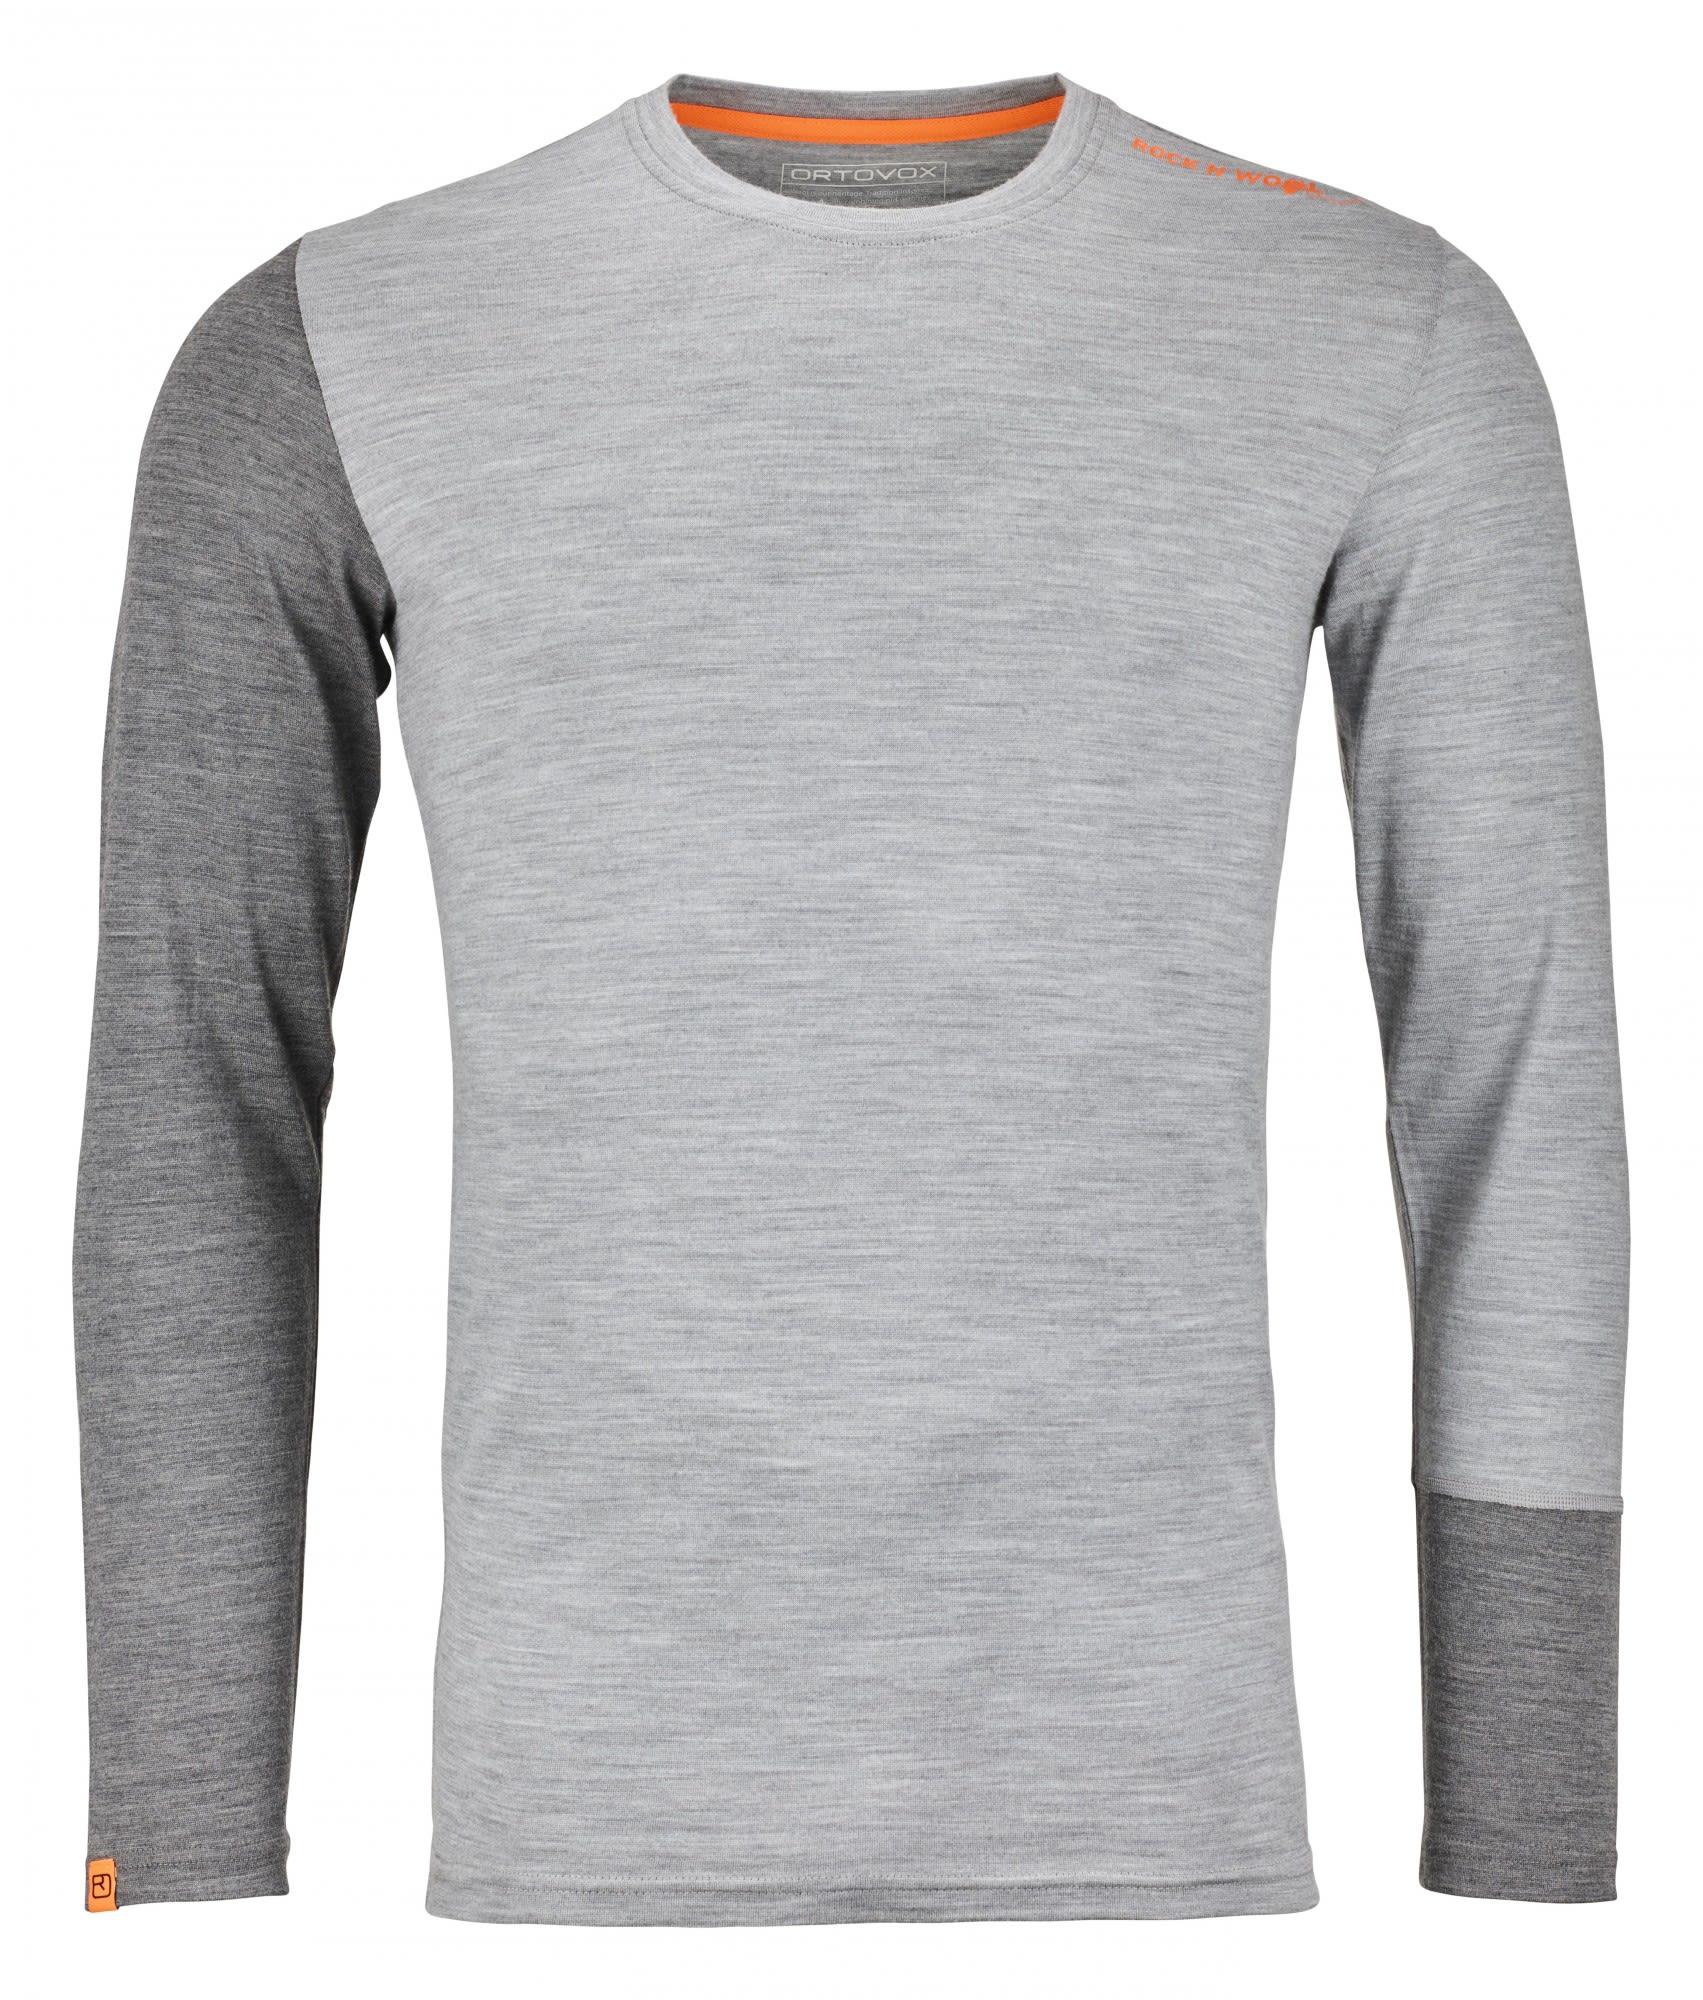 Ortovox 185 Merino Rock'n'wool Long Sleeve Grau, Male Merino Langarm-Shirt, M